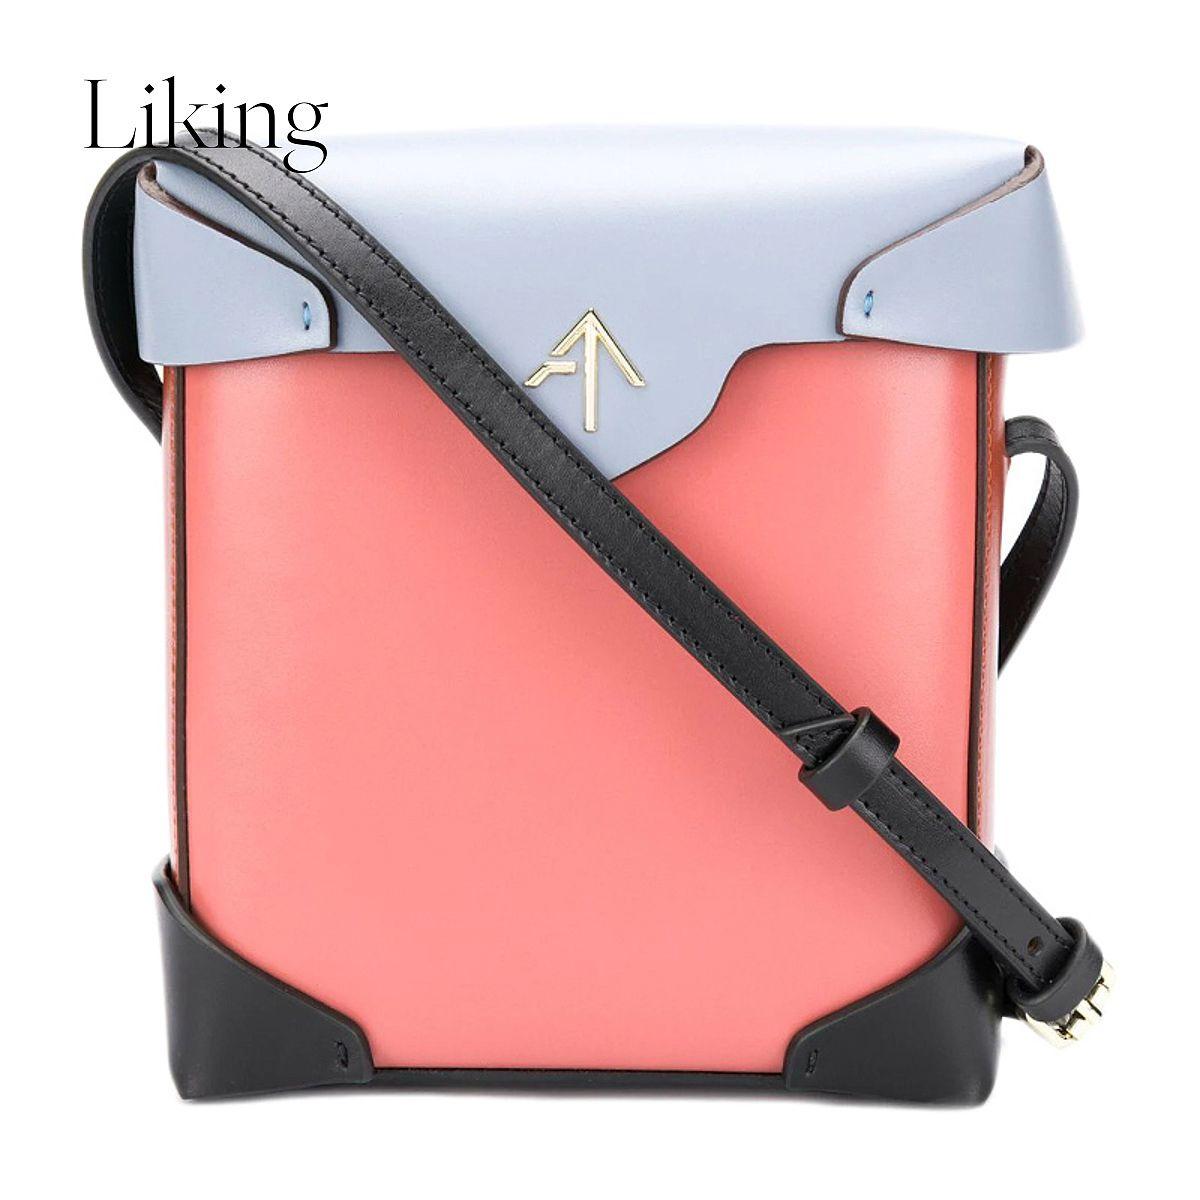 粉红色手提包 QH FW19 Manu atelier 女士粉红色手提包 2017667_推荐淘宝好看的粉红色手提包